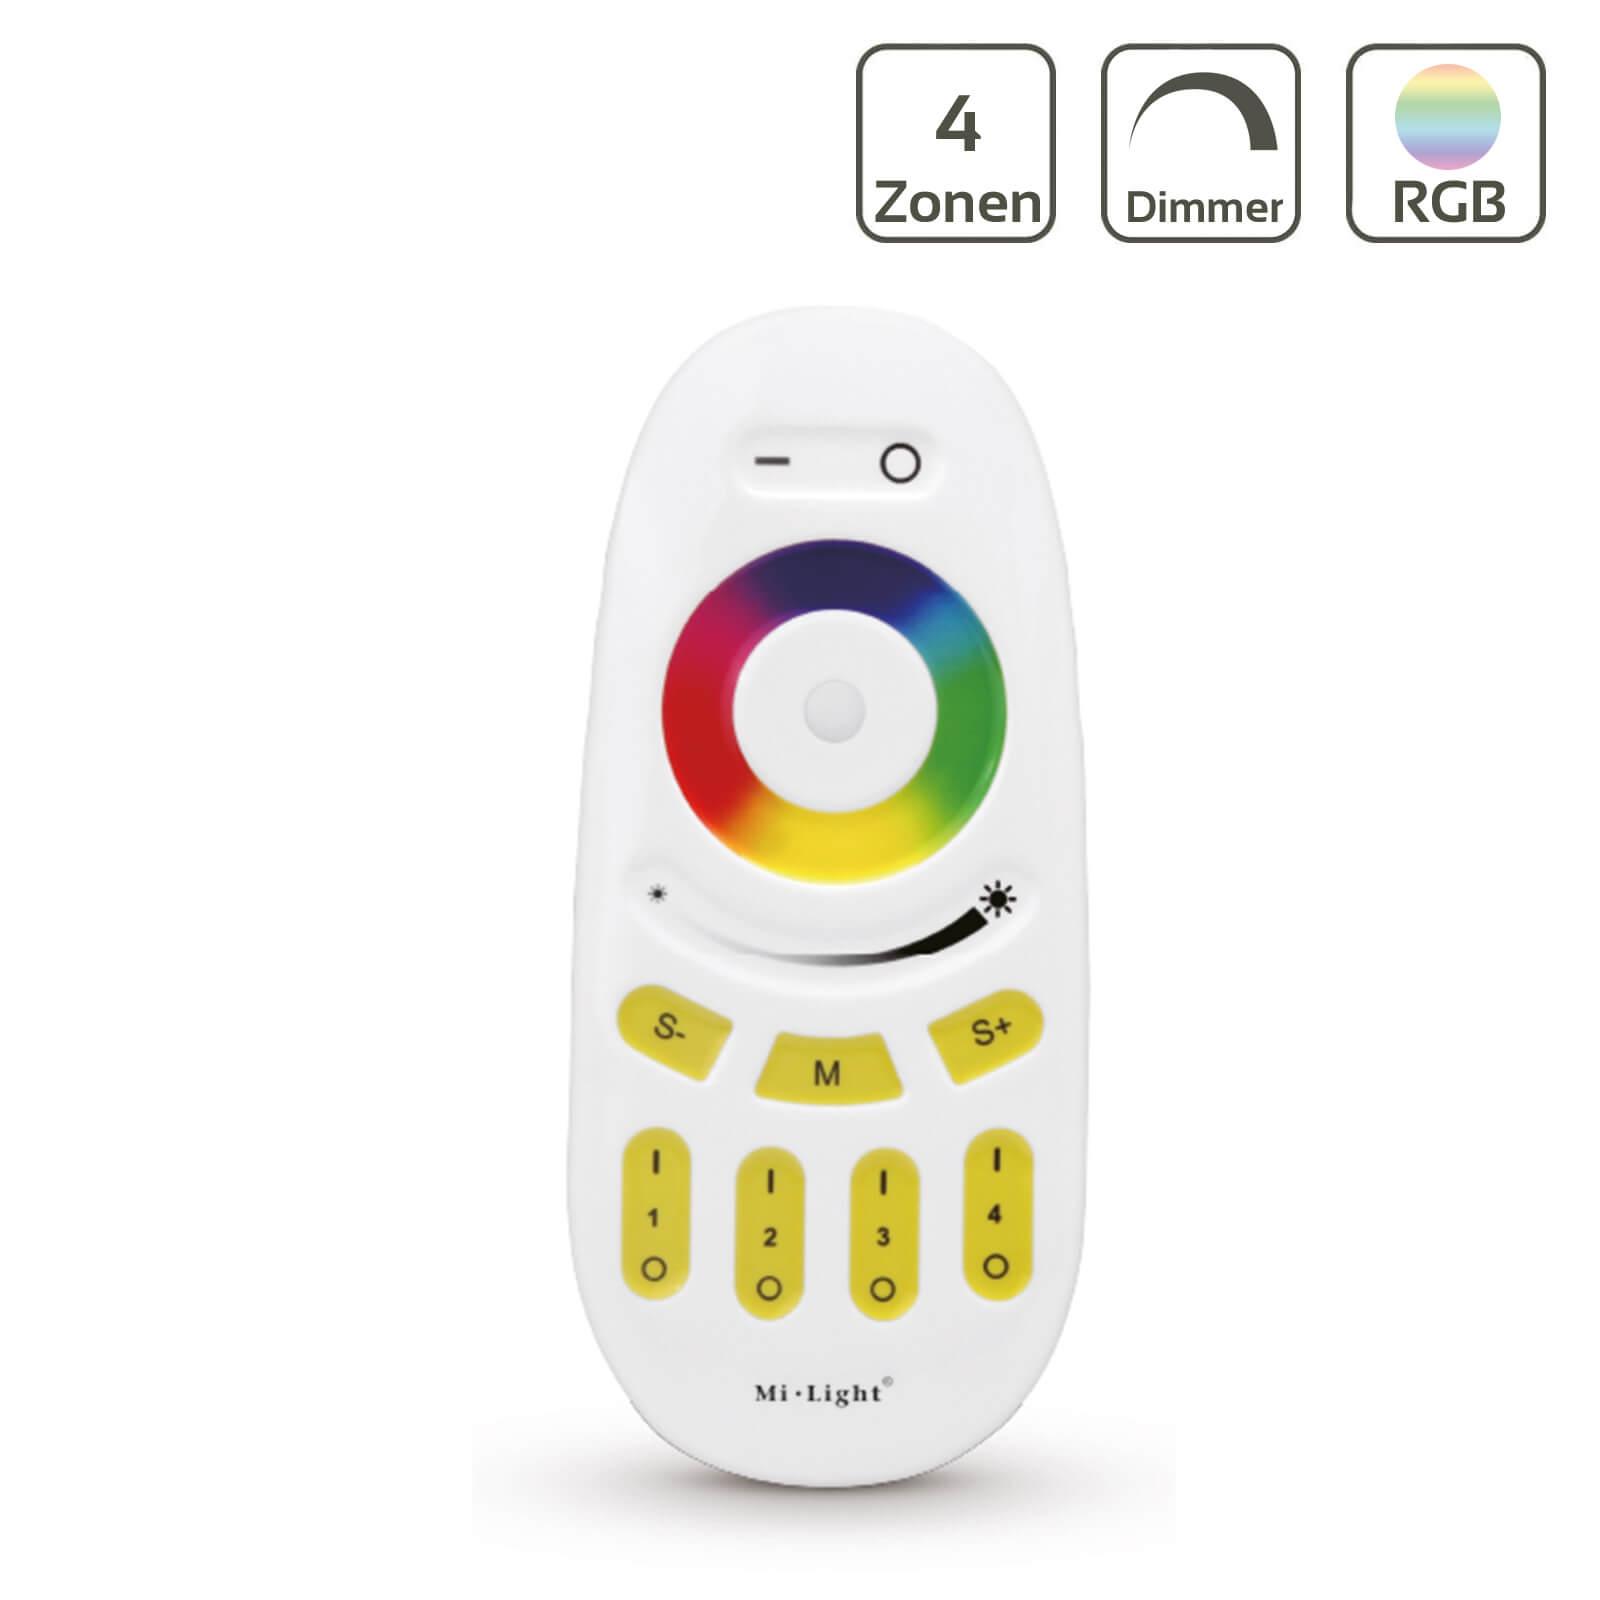 MiBoxer Funk Fernbedienung RGBW | Dimmen Schalten Farbeinstellung | FUT096